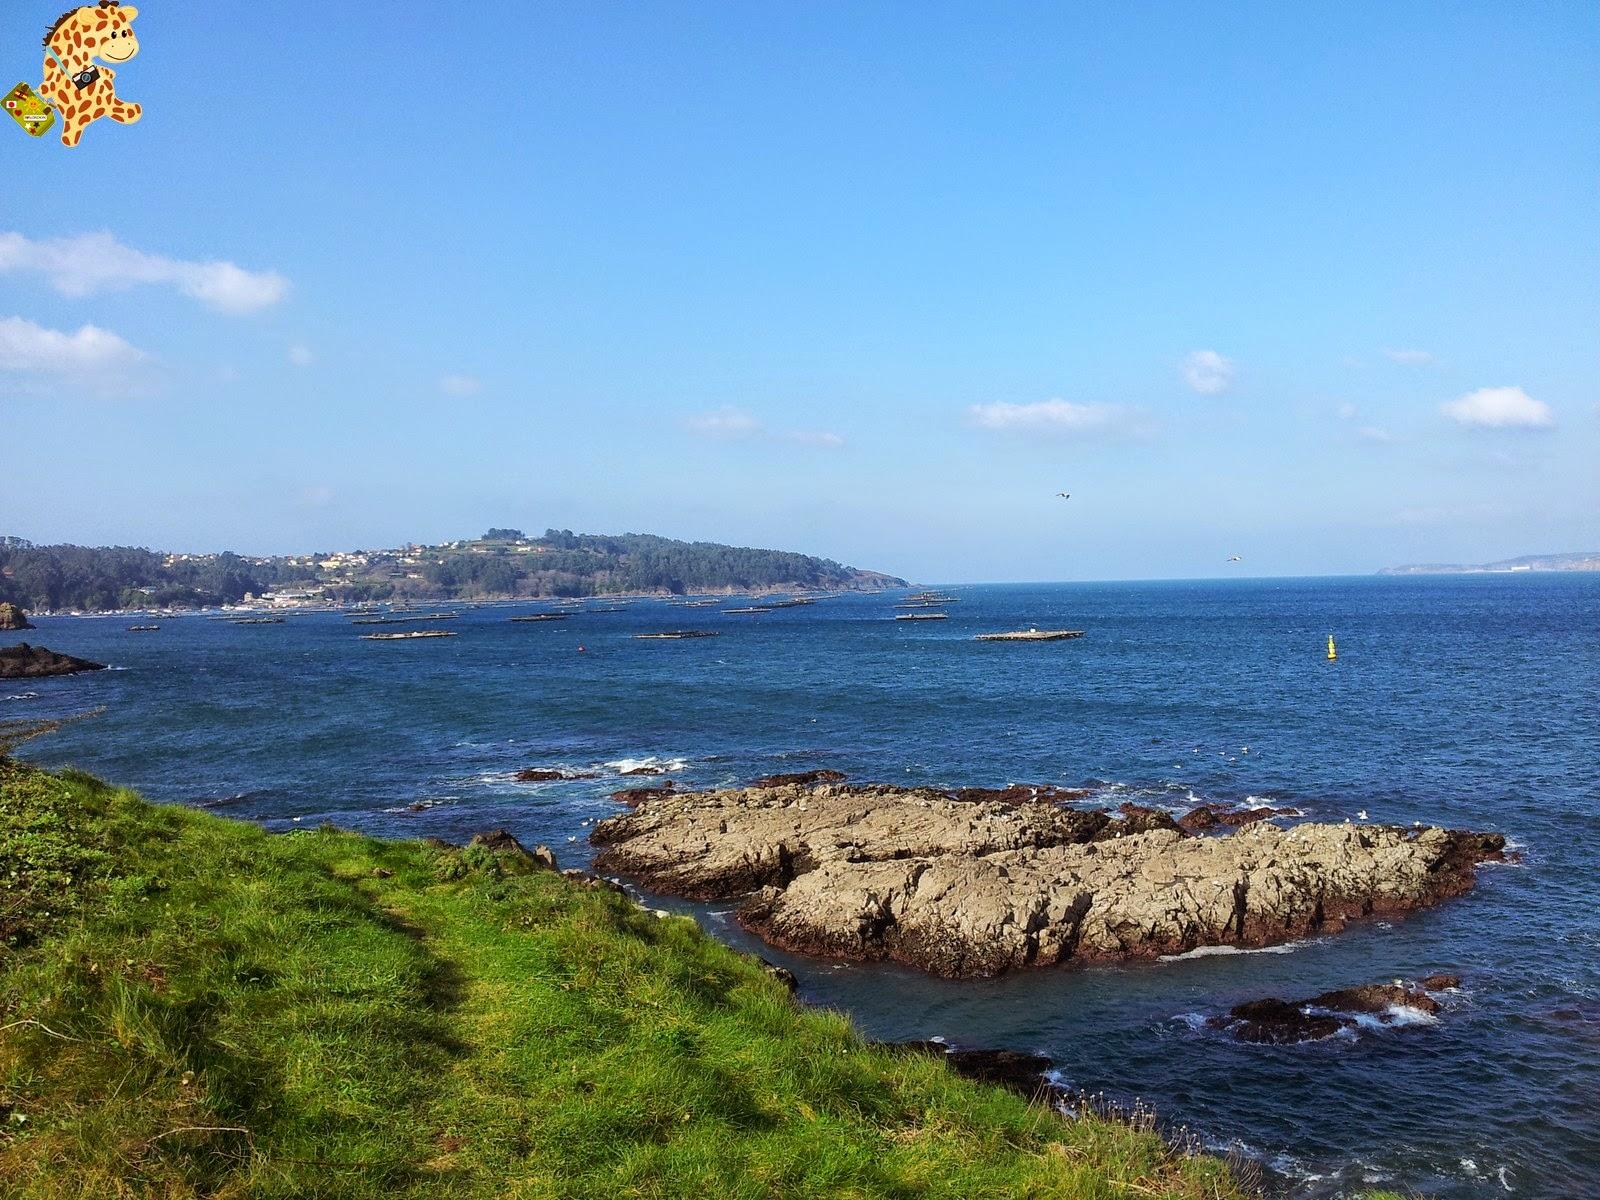 Senderismo en Sada: PR-G 96 Ruta Costa Doce (A Coruña)